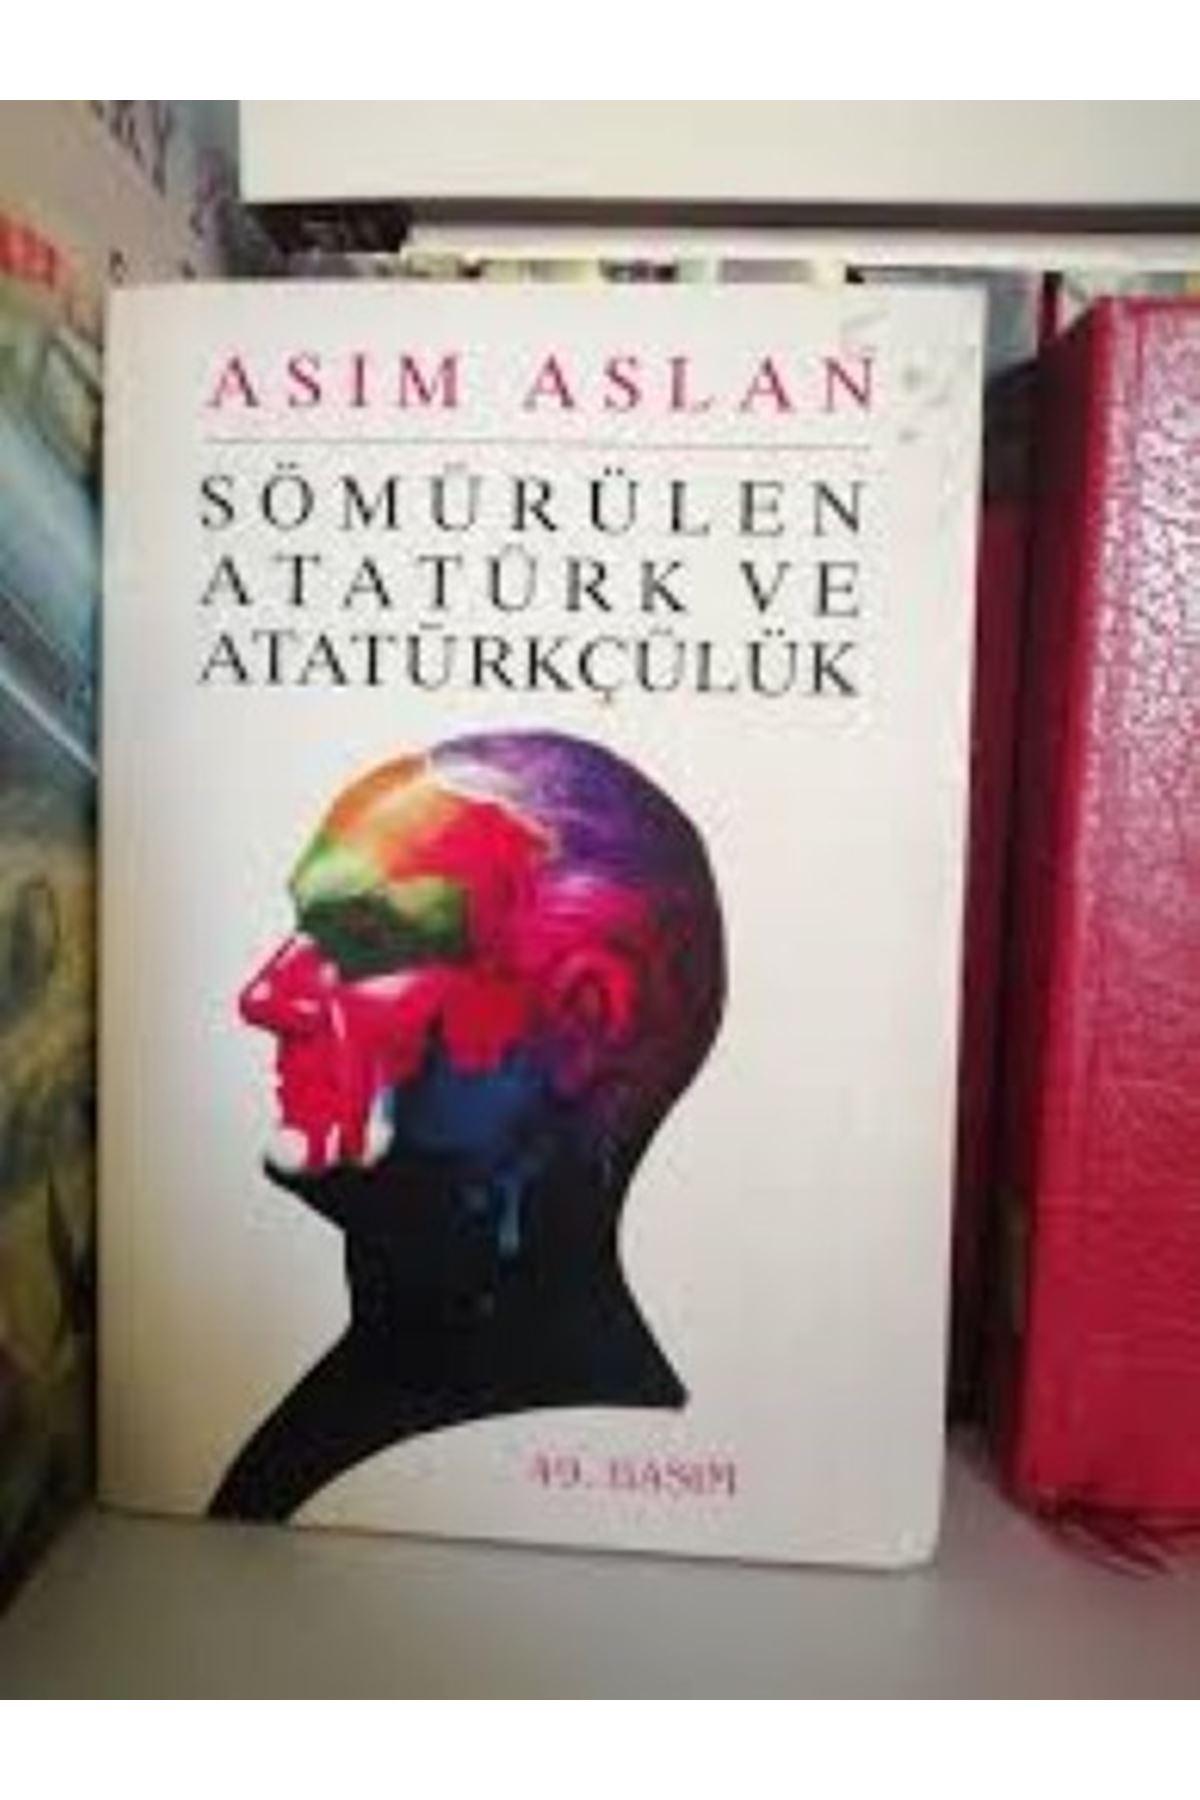 ASIM ASLAN - SÖMÜRÜLEN ATATÜRK VE ATATÜRKÇÜLÜK